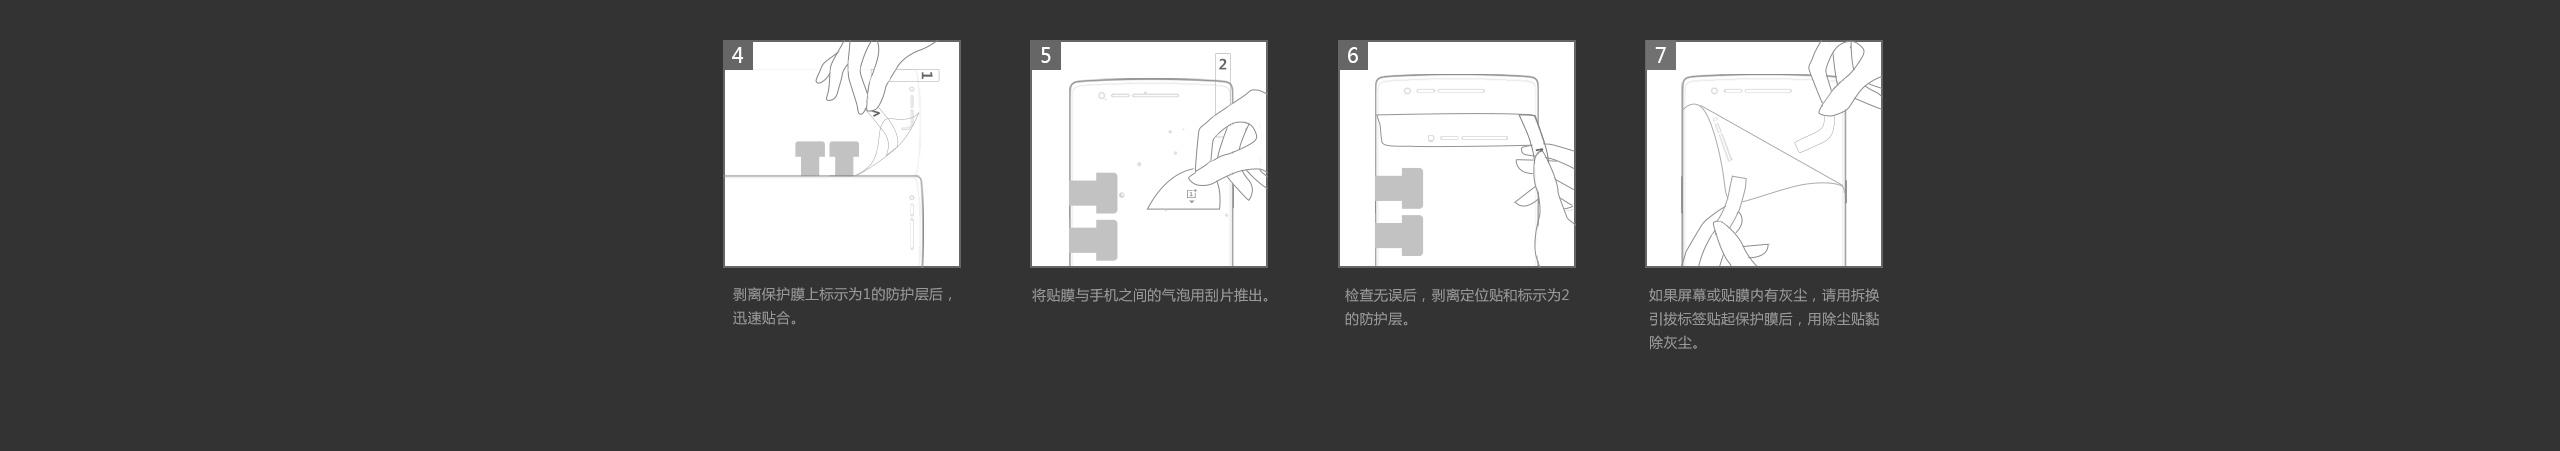 一加手机2钢化玻璃保护膜16